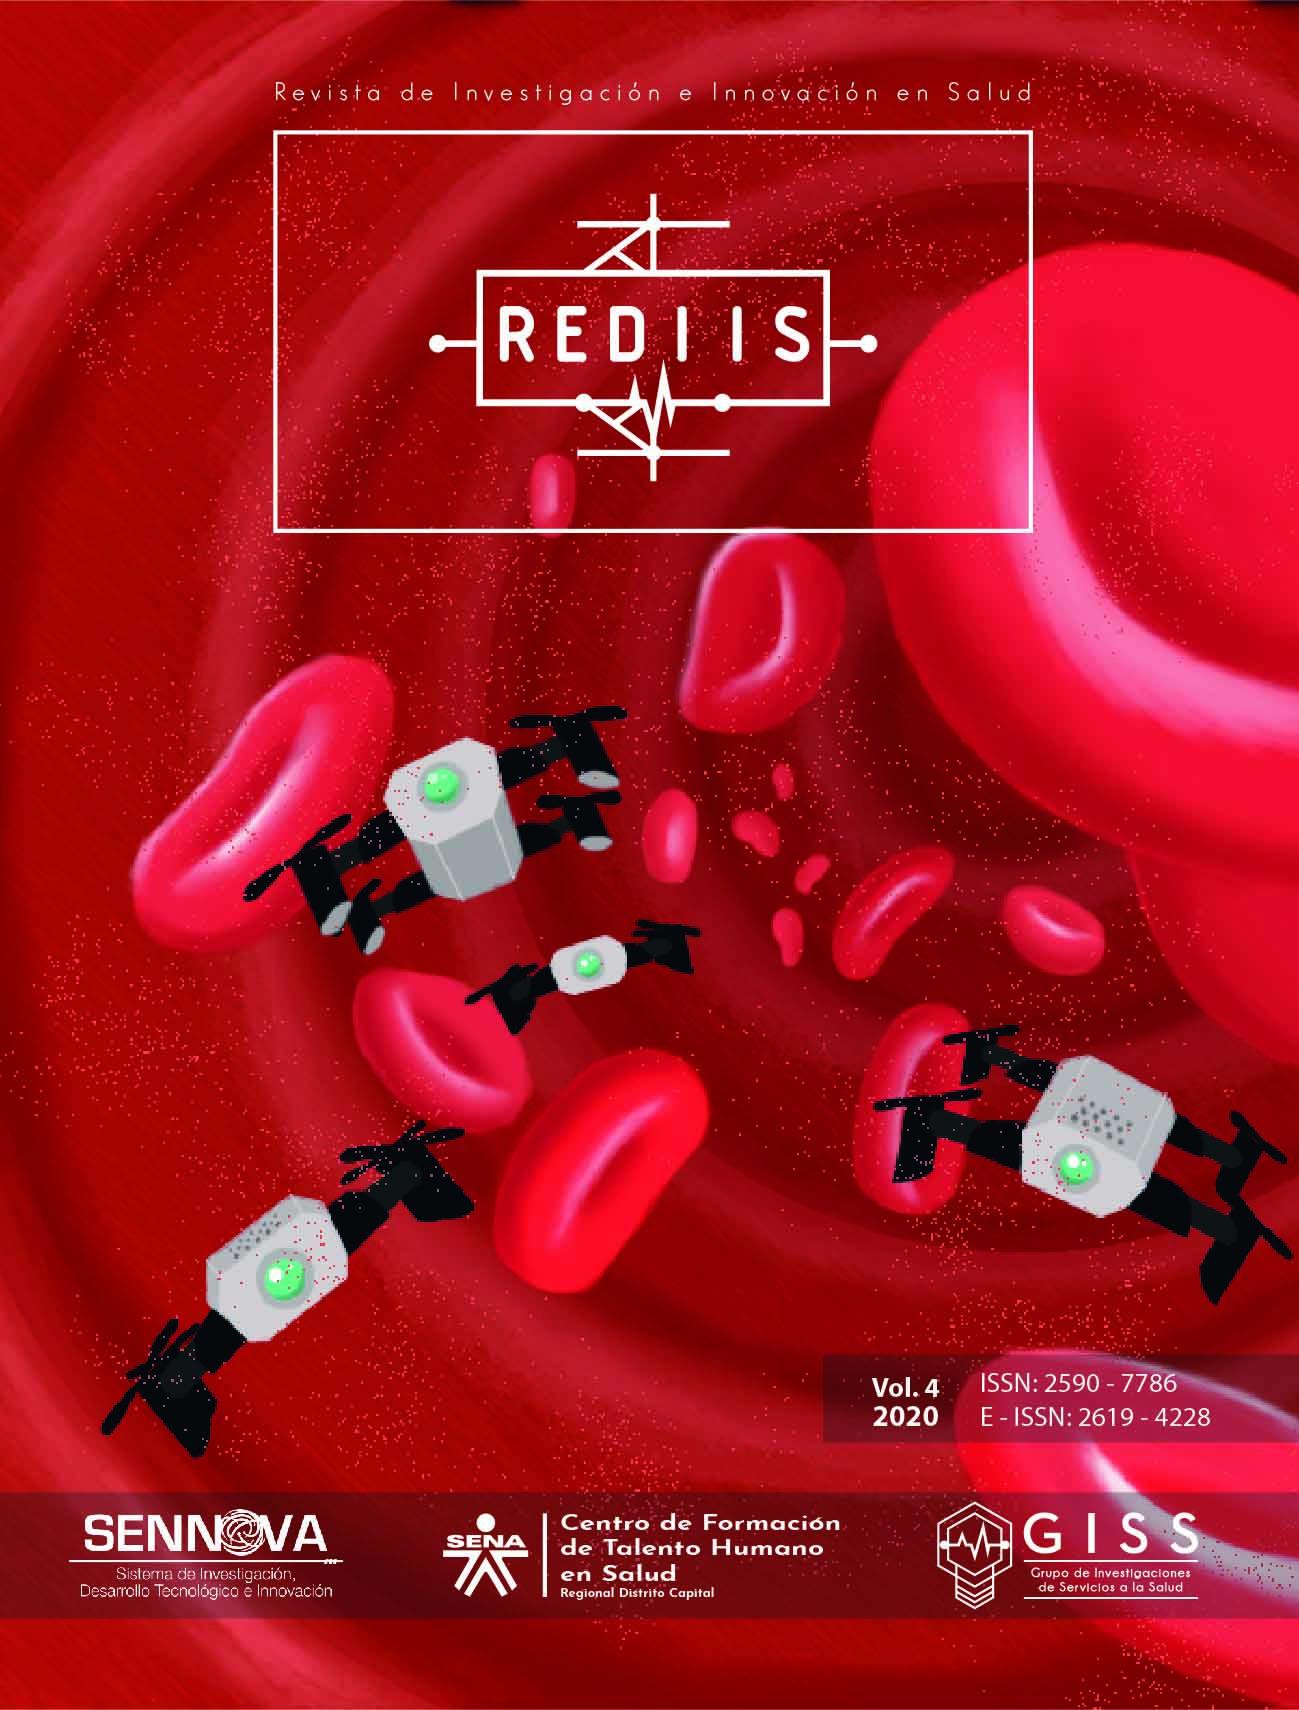 Revista de investigación e innovación